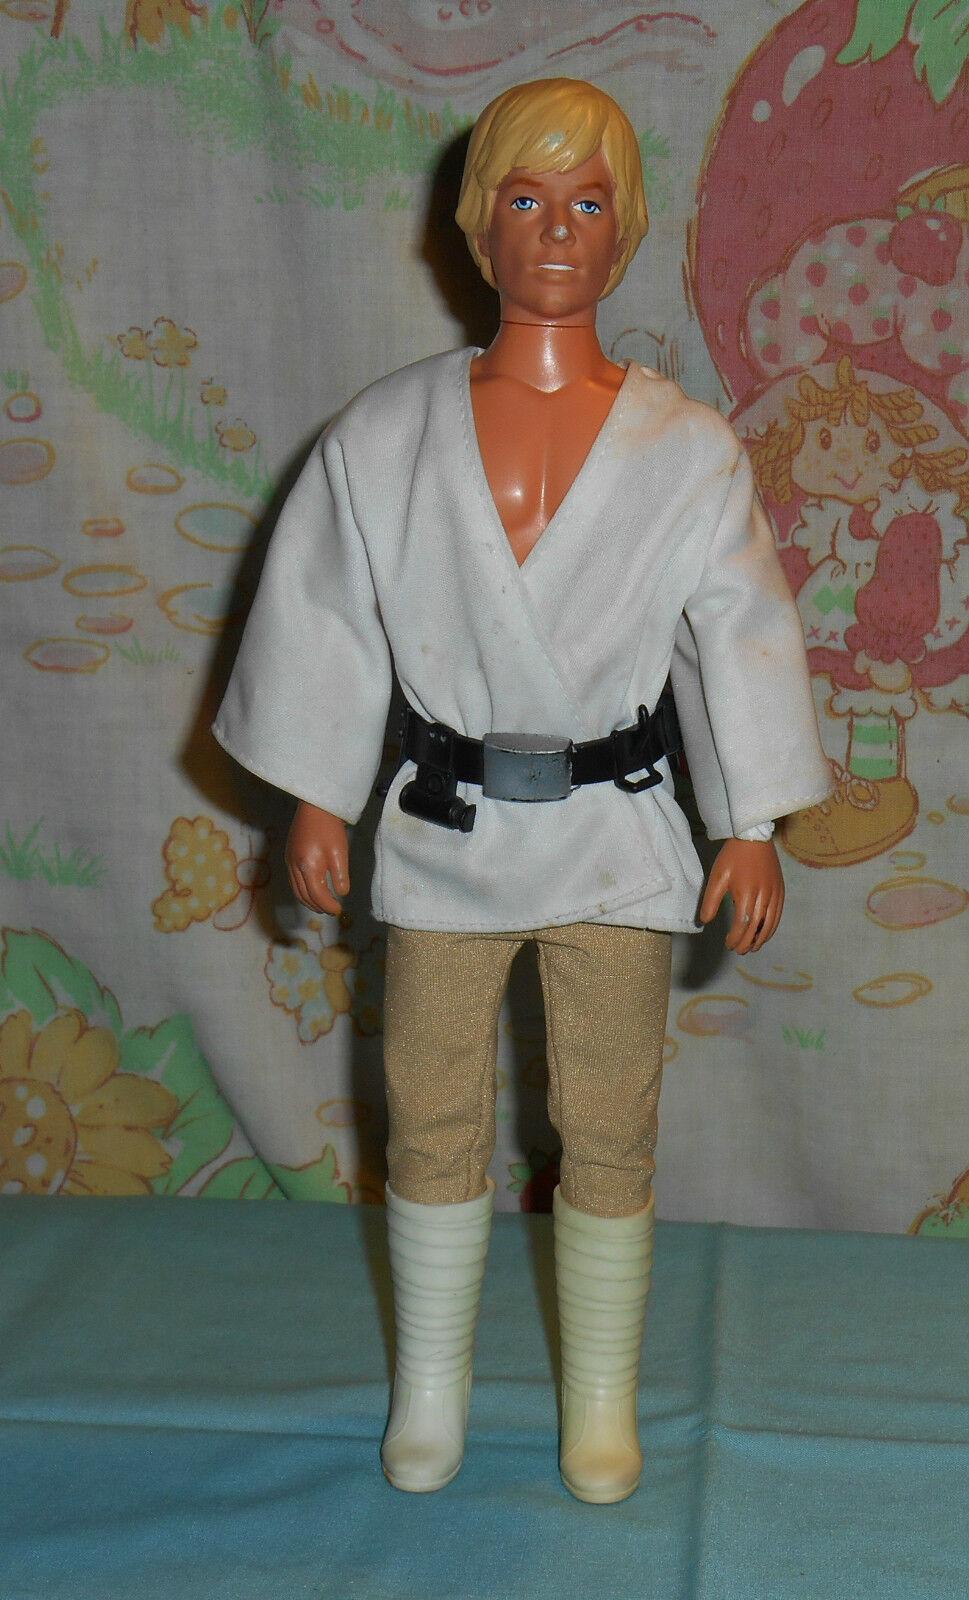 Vintage Star Wars LARGE-Größe (12 ) LUKE SKYWALKER with clothes & belt only